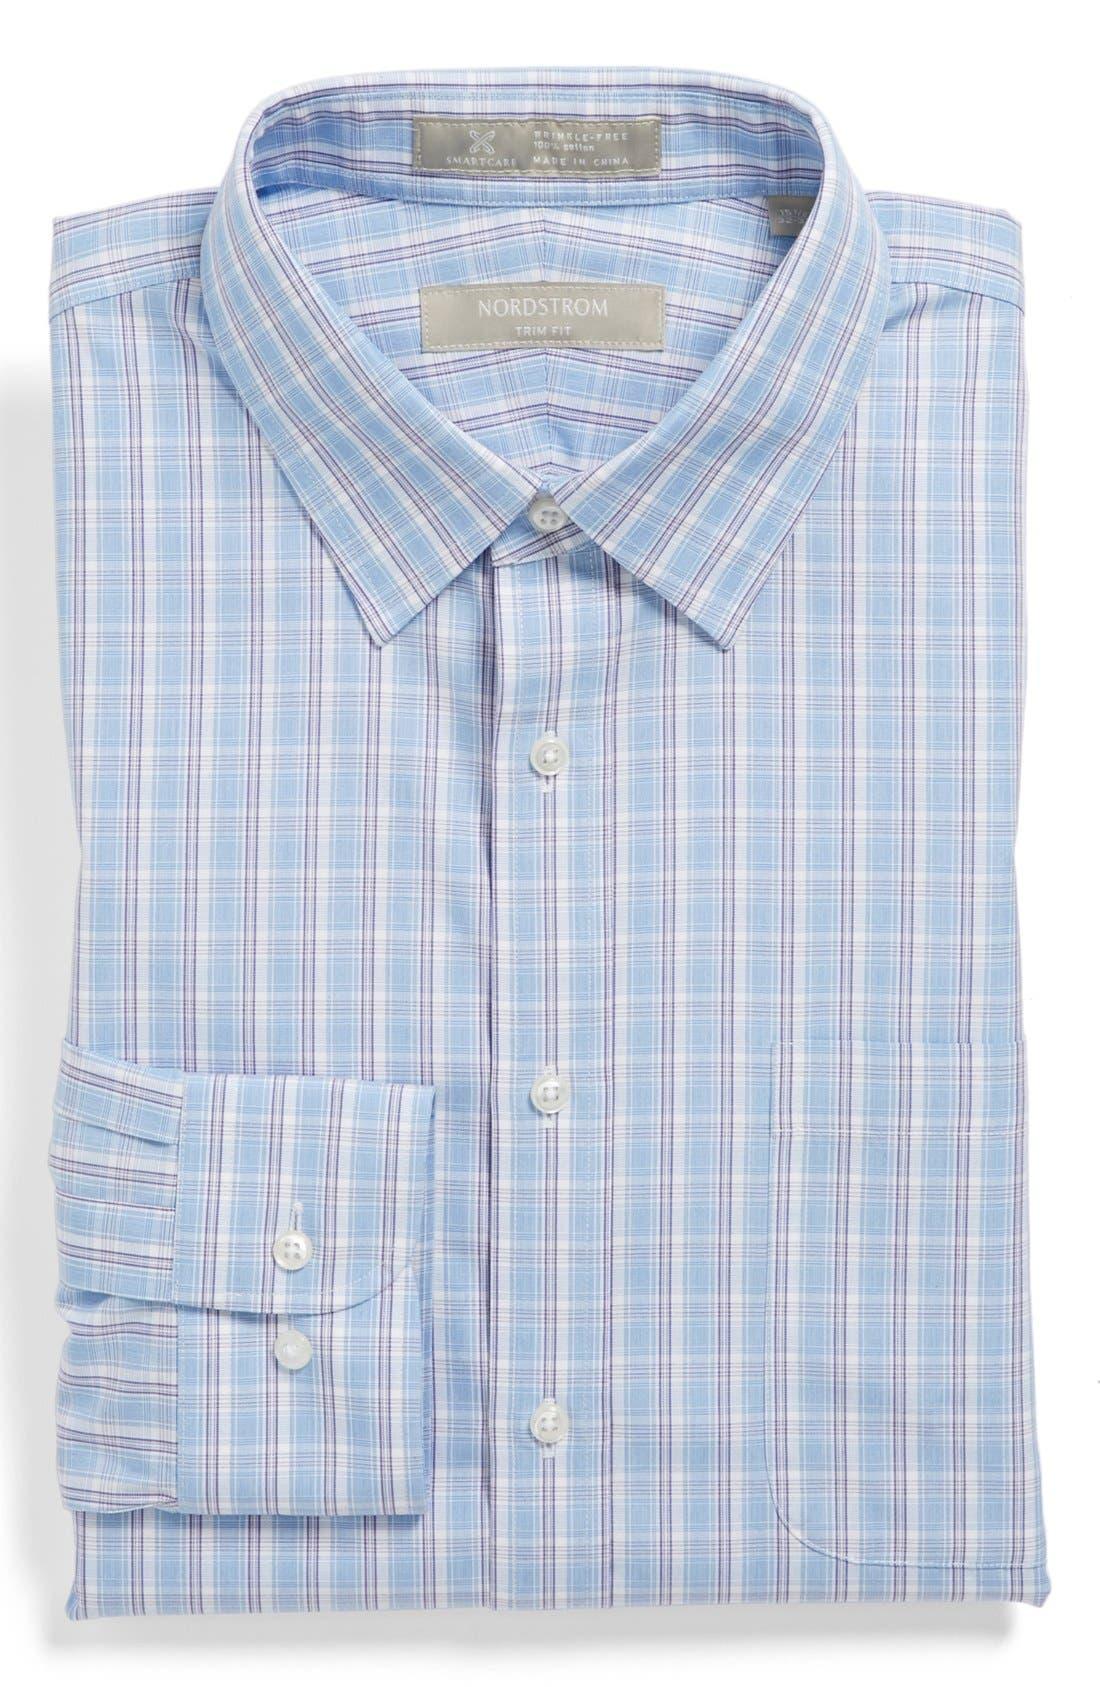 Main Image - Nordstrom Smartcare™ Wrinkle Free Trim Fit Dress Shirt